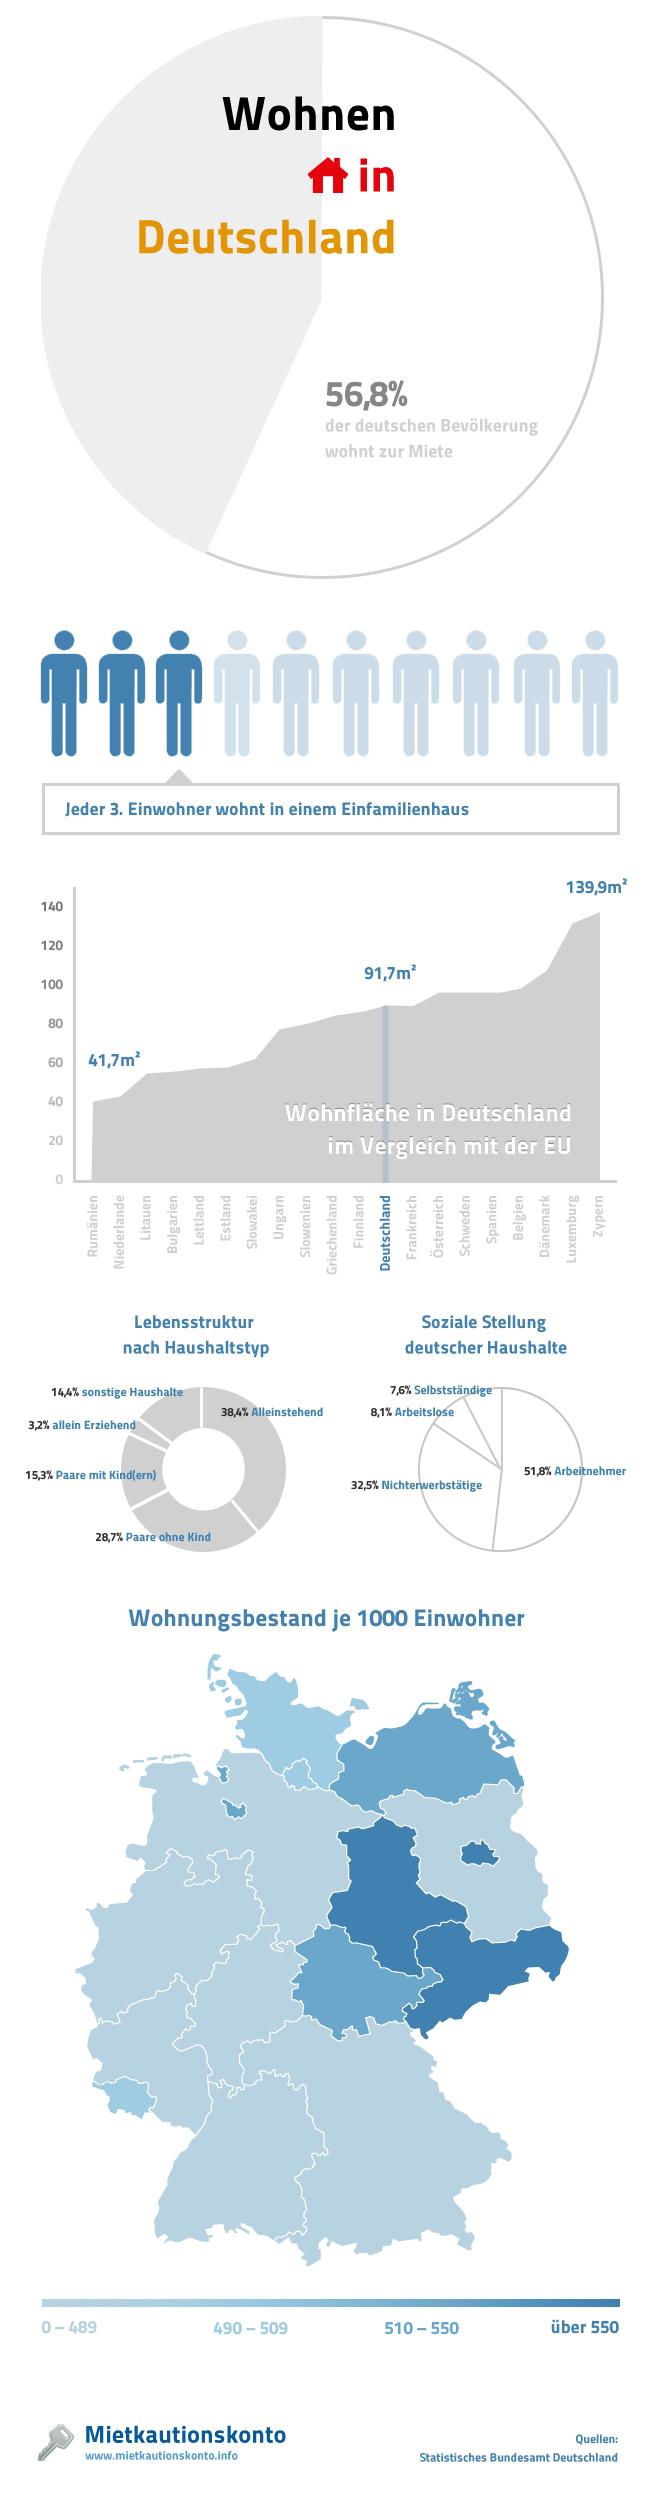 Statistiken zu Mieten und Wohnen in Deutschland